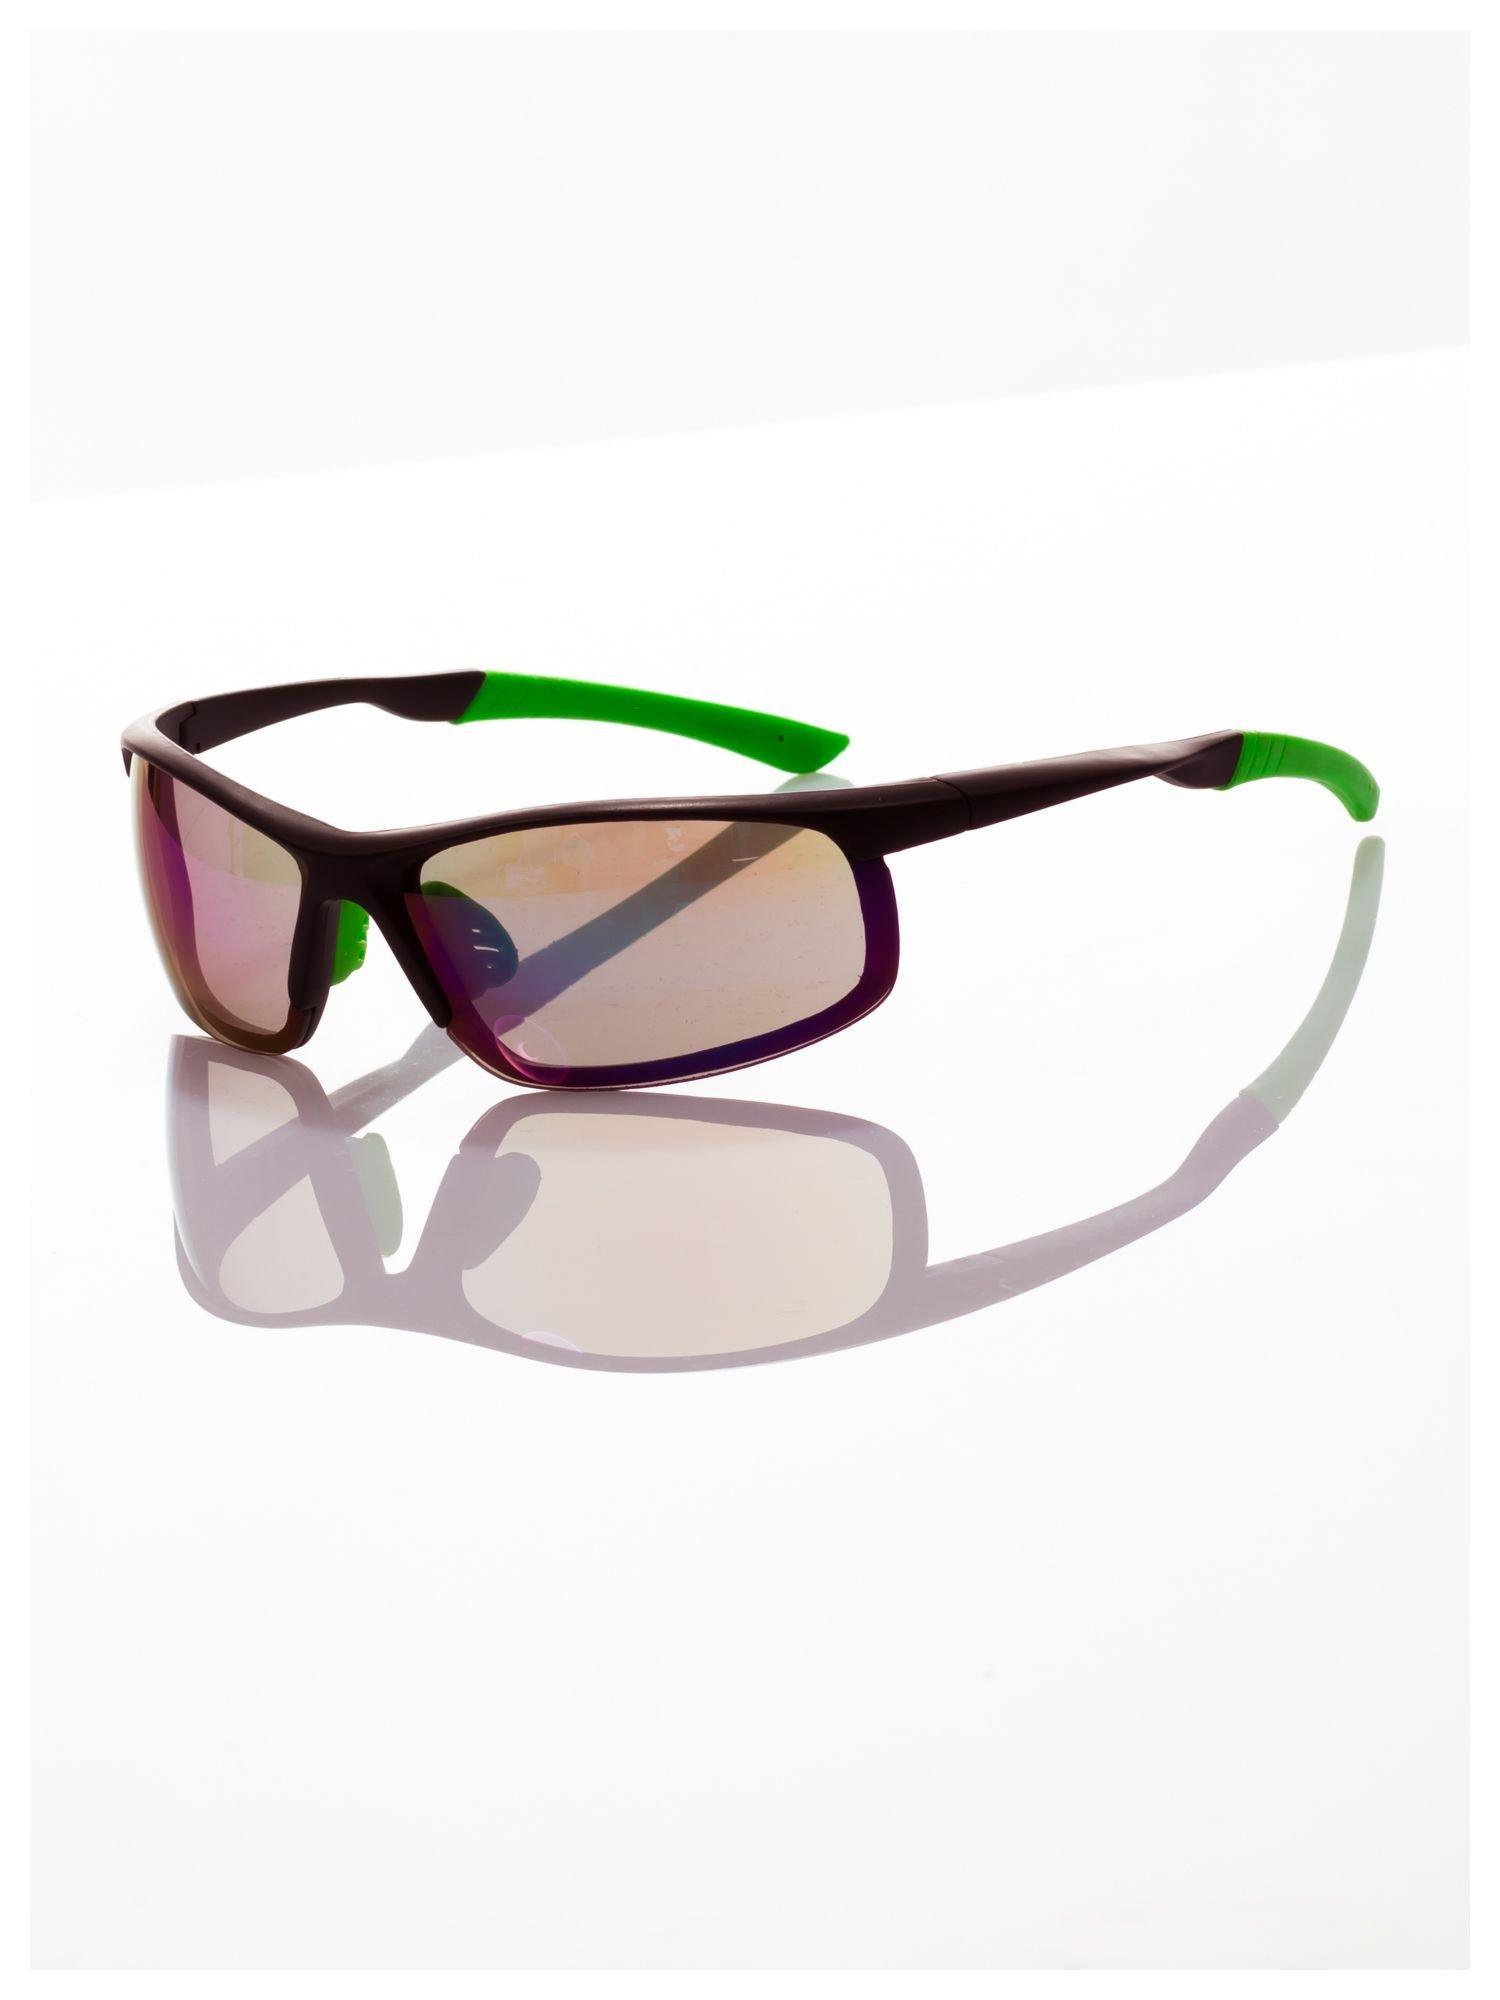 Okulary SPORTOWE- DYNAMICZNY DESIGN dla kierowcy                                   zdj.                                  1